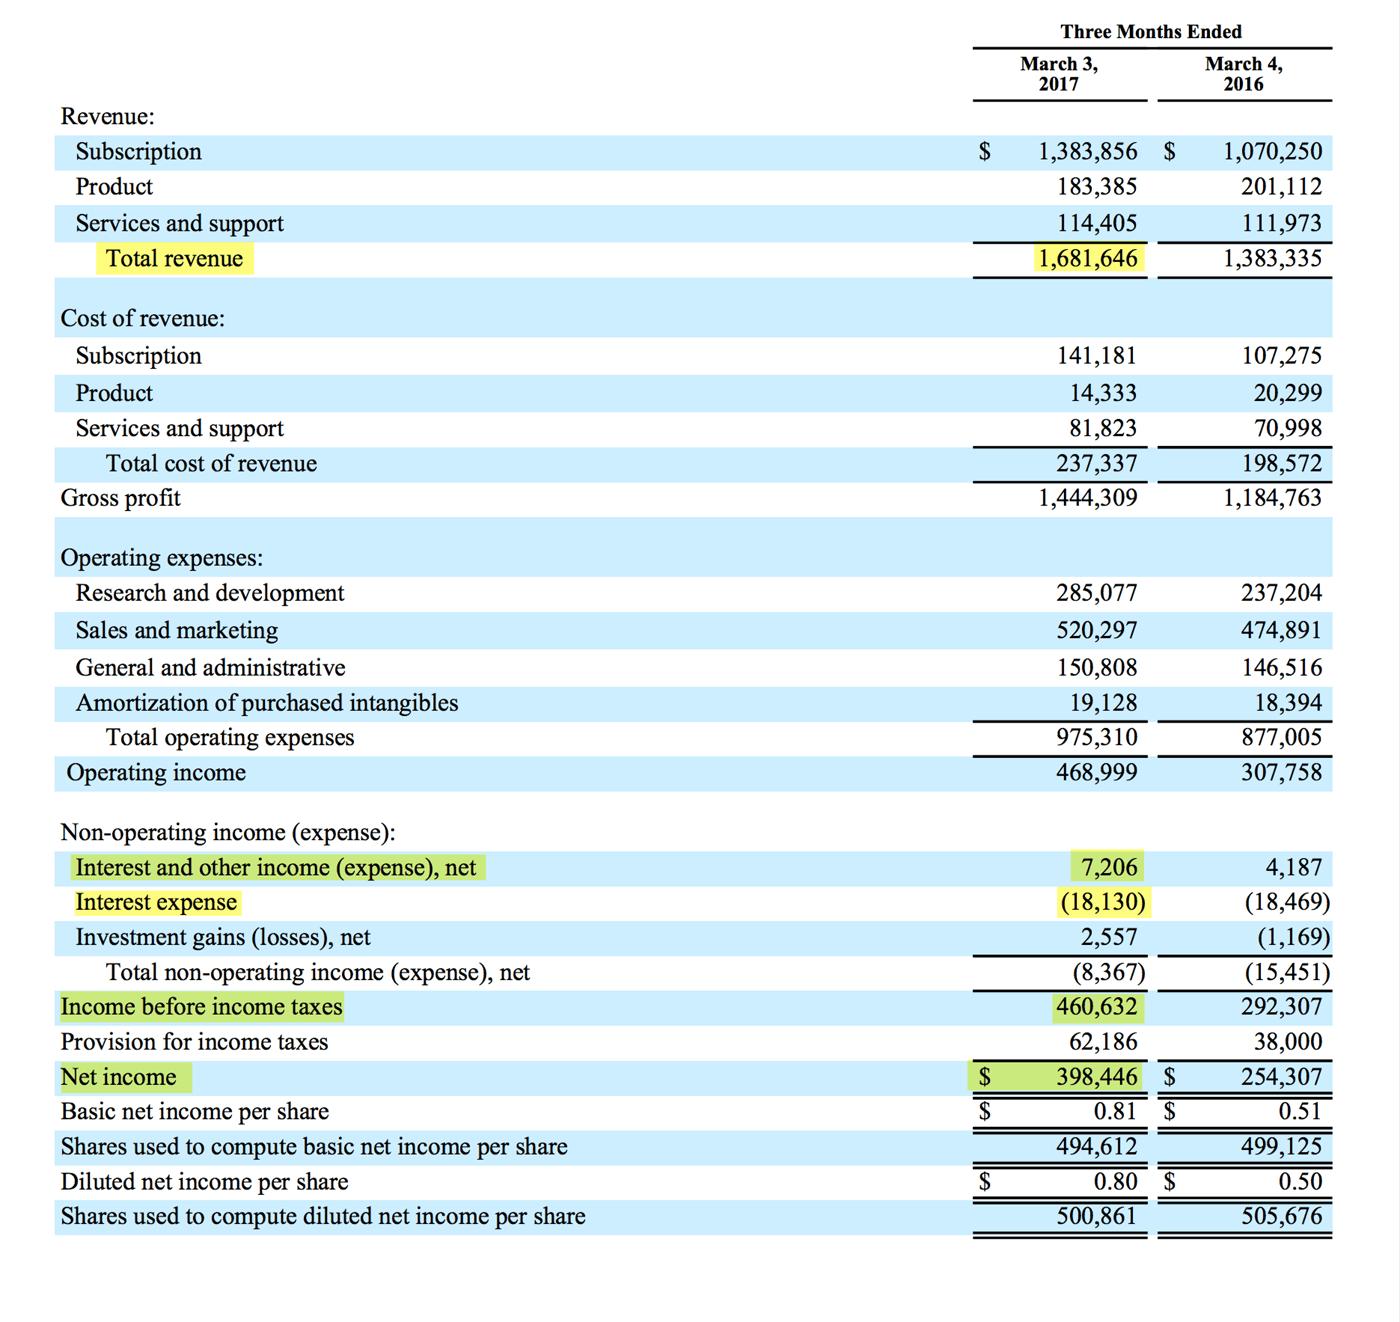 Страница 4 отчета Adobe за 2017 финансовый год